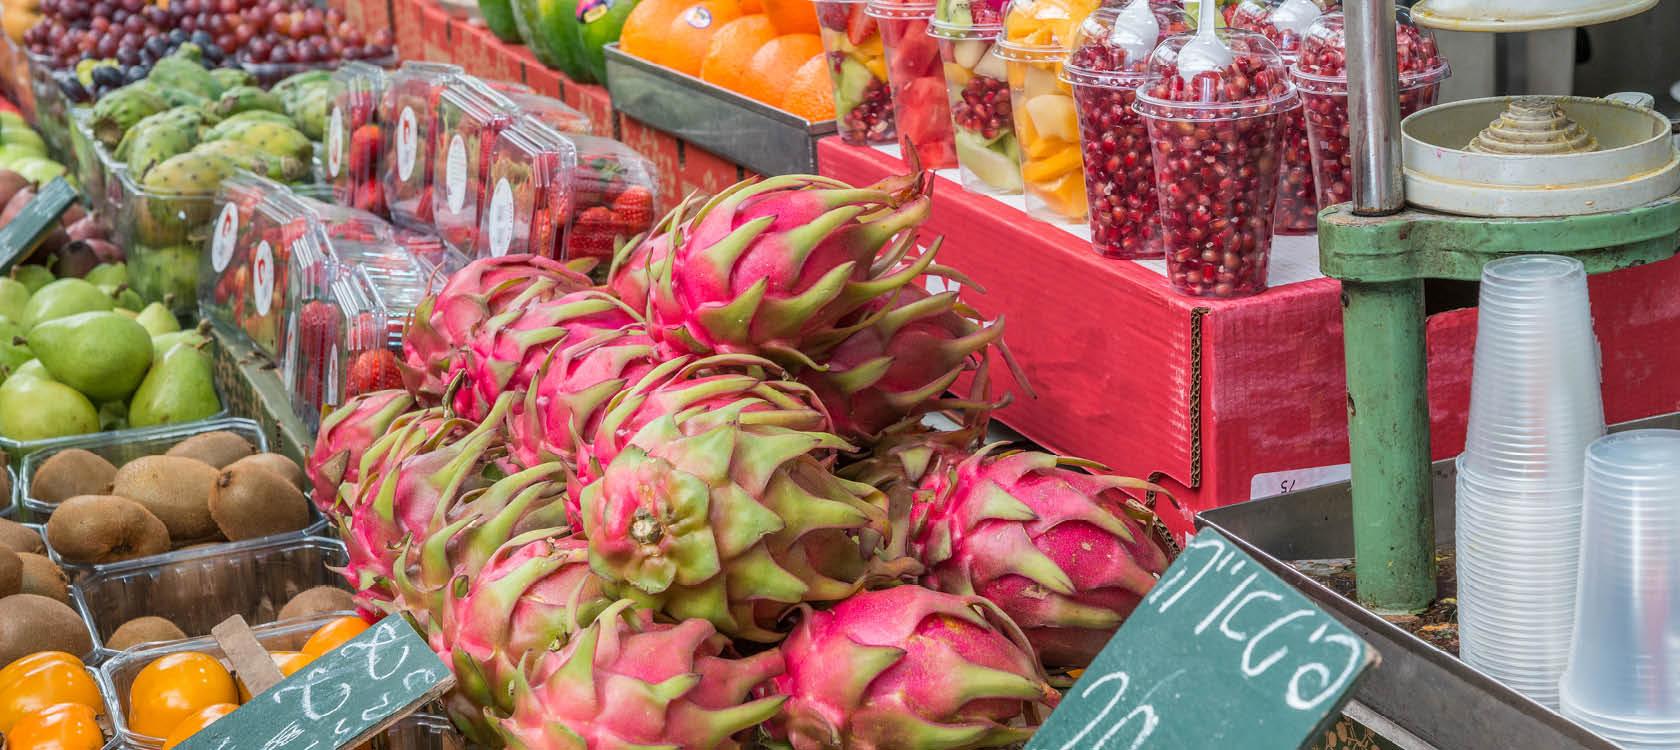 Israelisk fruktmarknad.